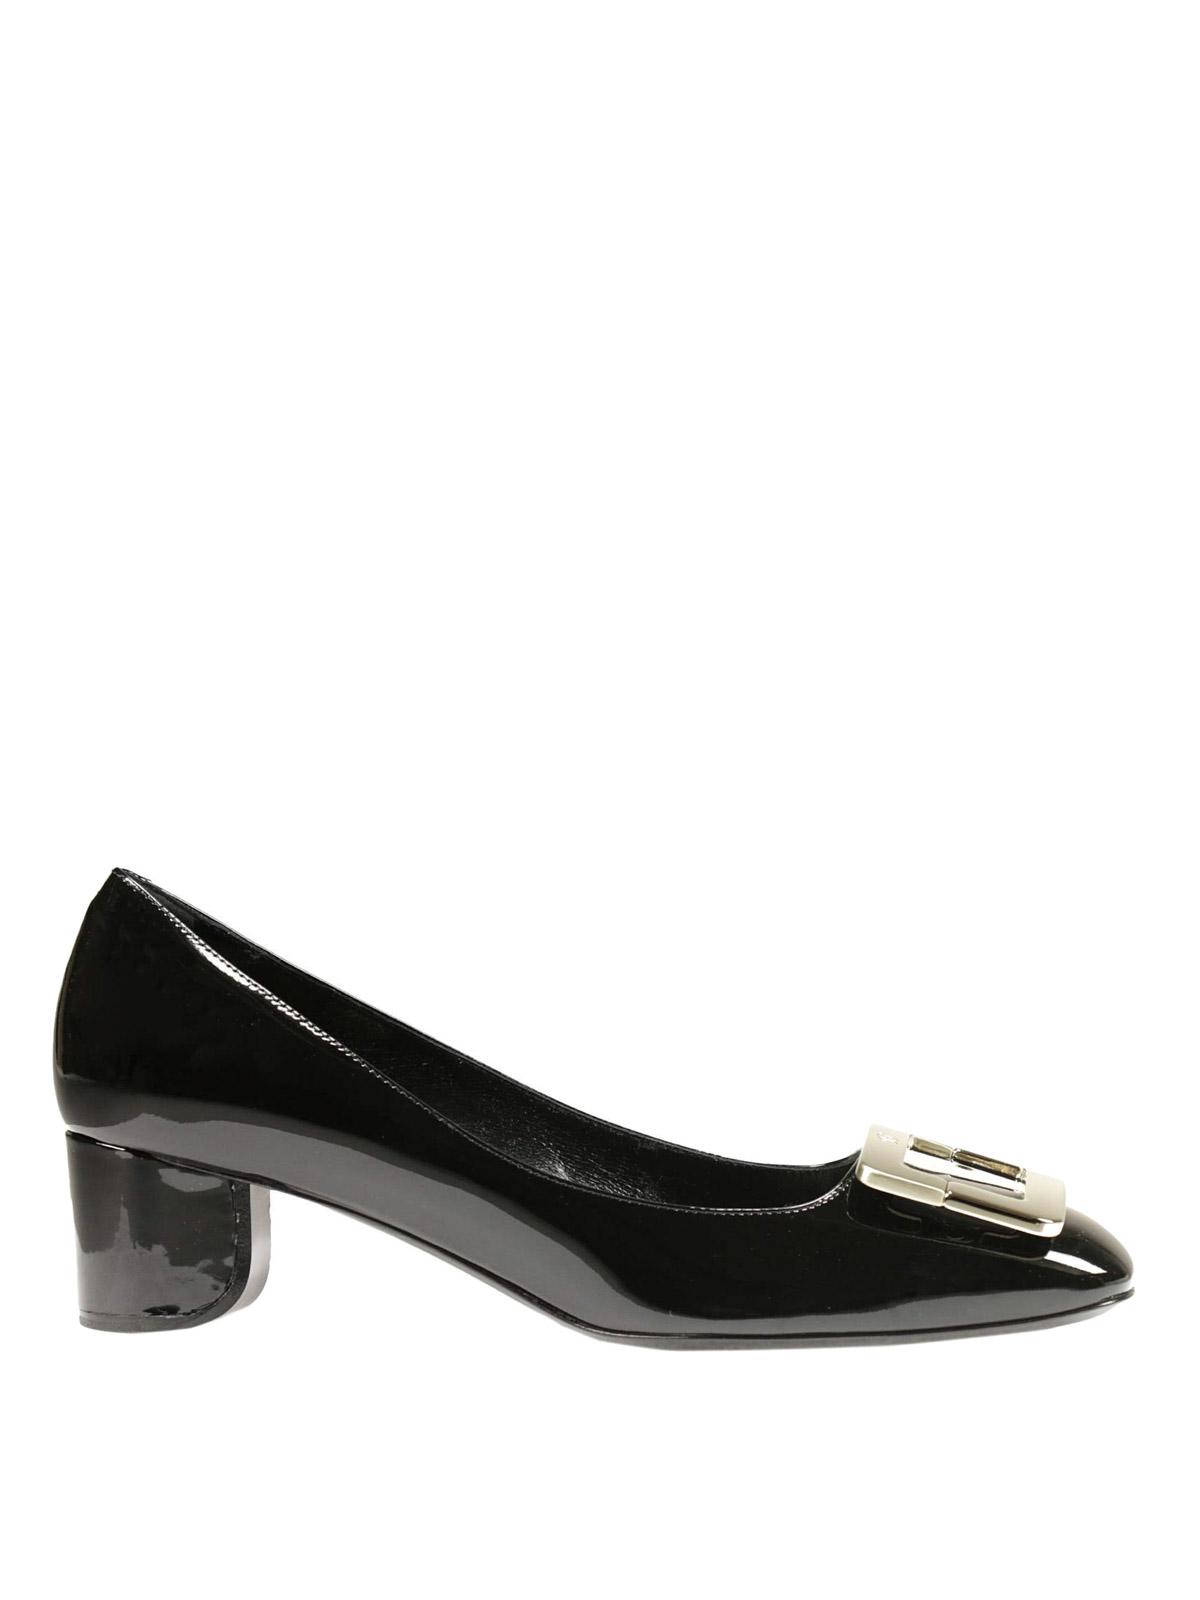 Look Pumps Roger D1p U Vivier Court Shoes Rvw34311900 RqfEHF